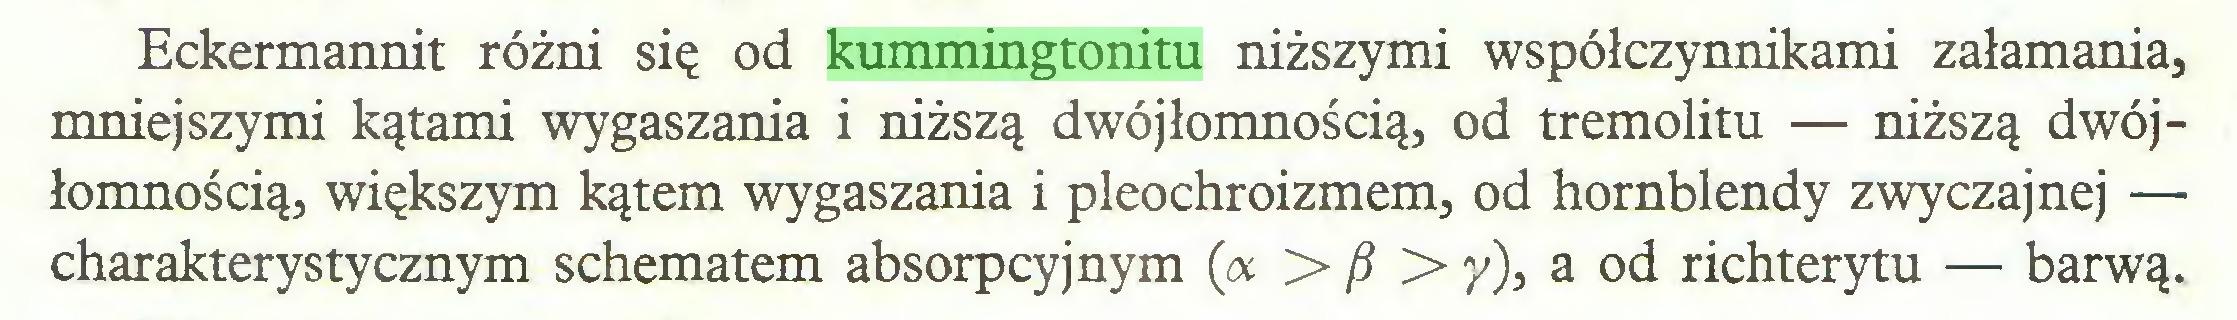 (...) Eckermannit różni się od kummingtonitu niższymi współczynnikami załamania, mniejszymi kątami wygaszania i niższą dwójłomnością, od tremolitu — niższą dwójłomnością, większym kątem wygaszania i pleochroizmem, od hornblendy zwyczajnej — charakterystycznym schematem absorpcyjnym (<%>/?> y), a od richterytu — barwą...